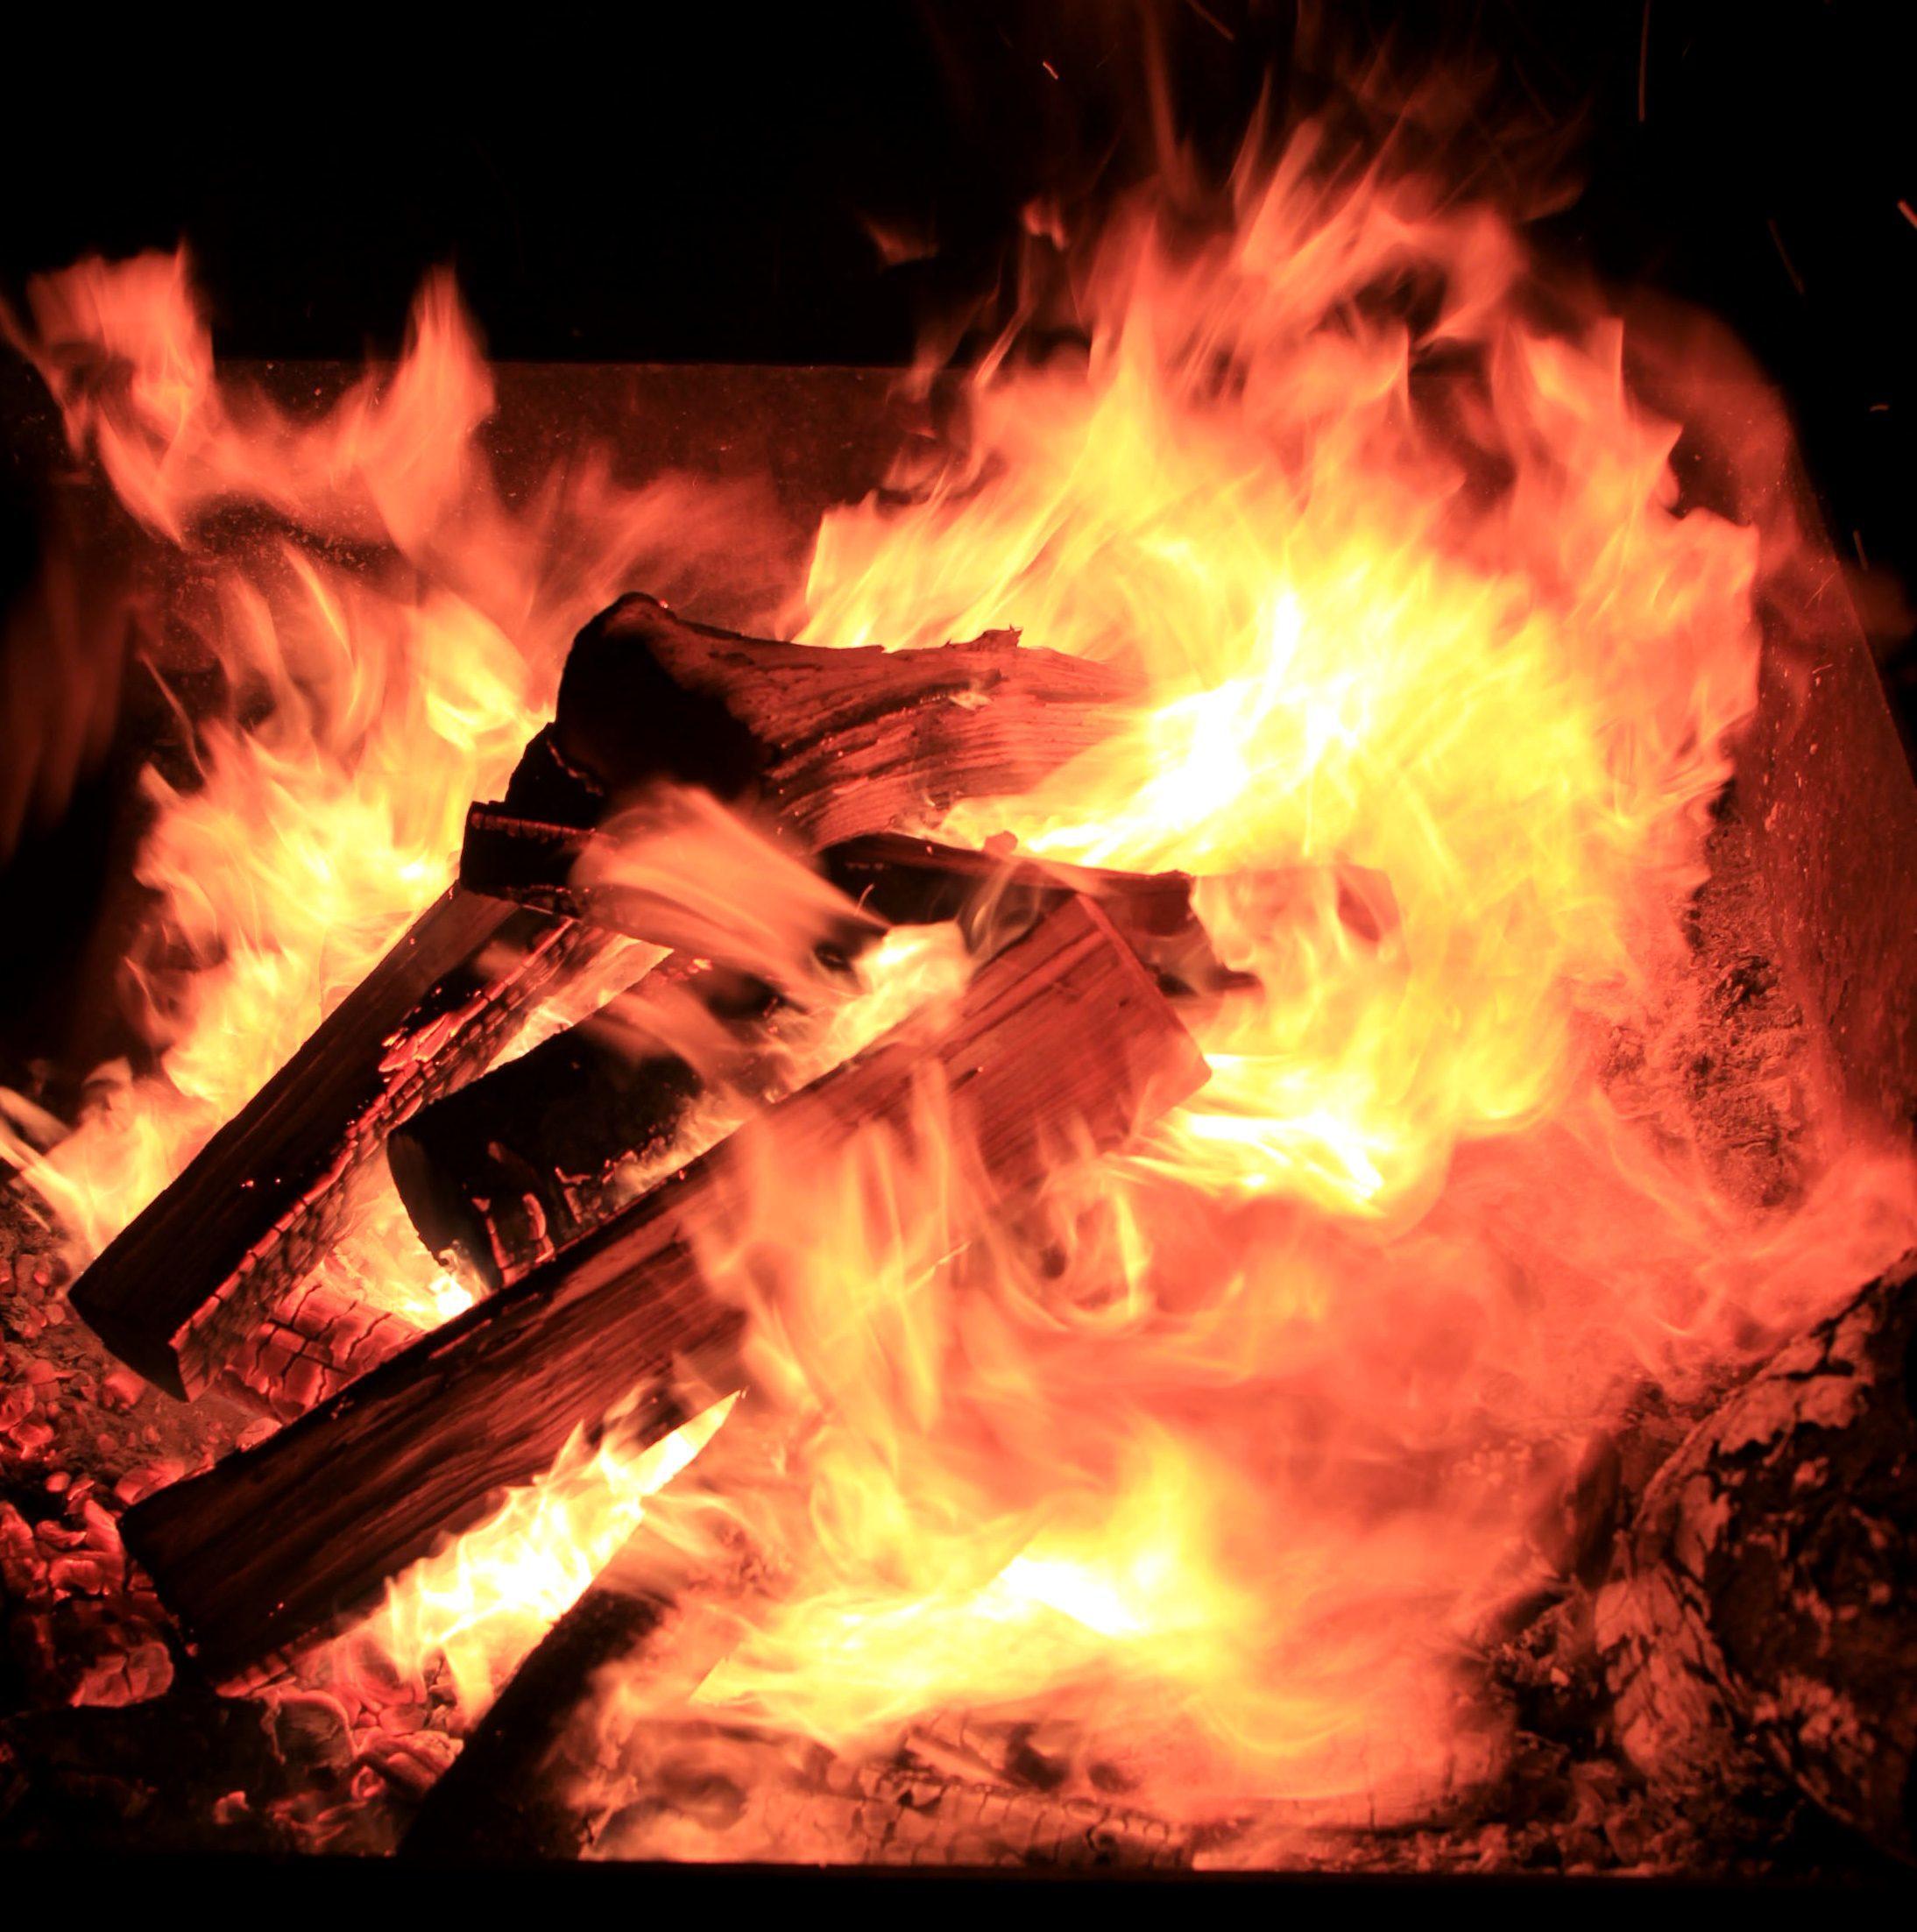 Kostenlose Bild: rot, heiß Feuer, Nacht, Flammen